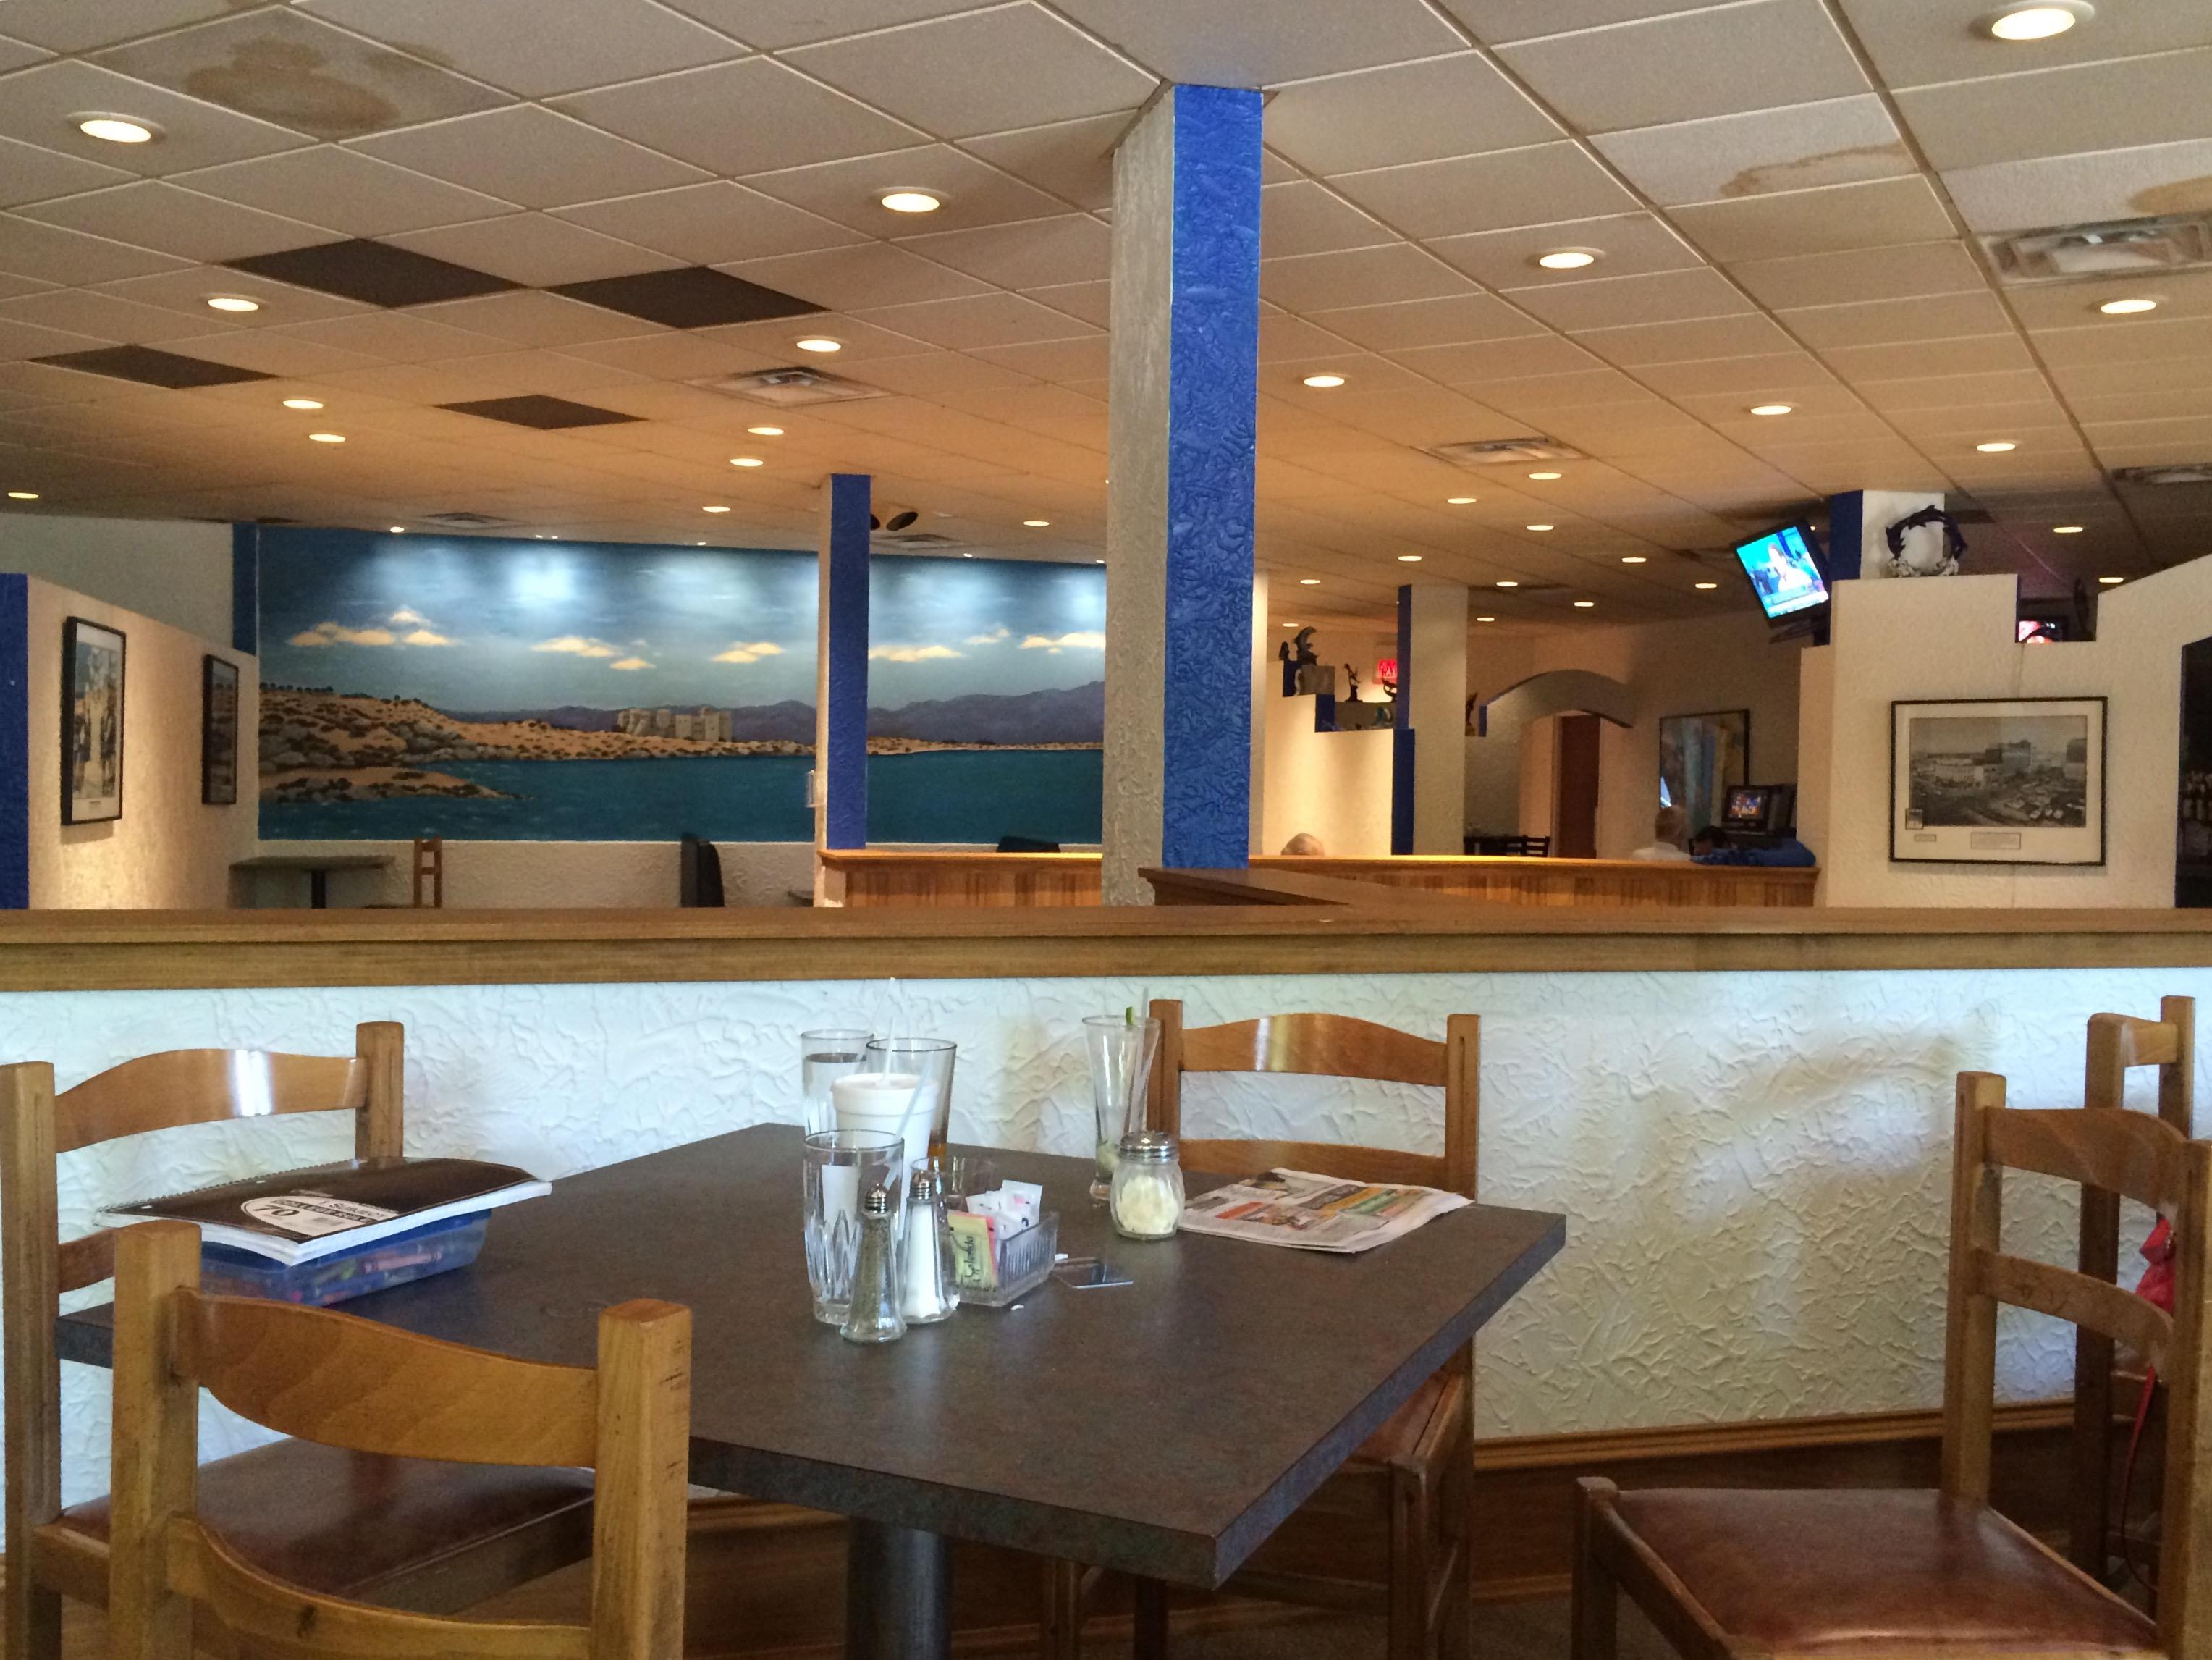 The Blue Dolphin Restaurant The Blue Dolphin Restaurant